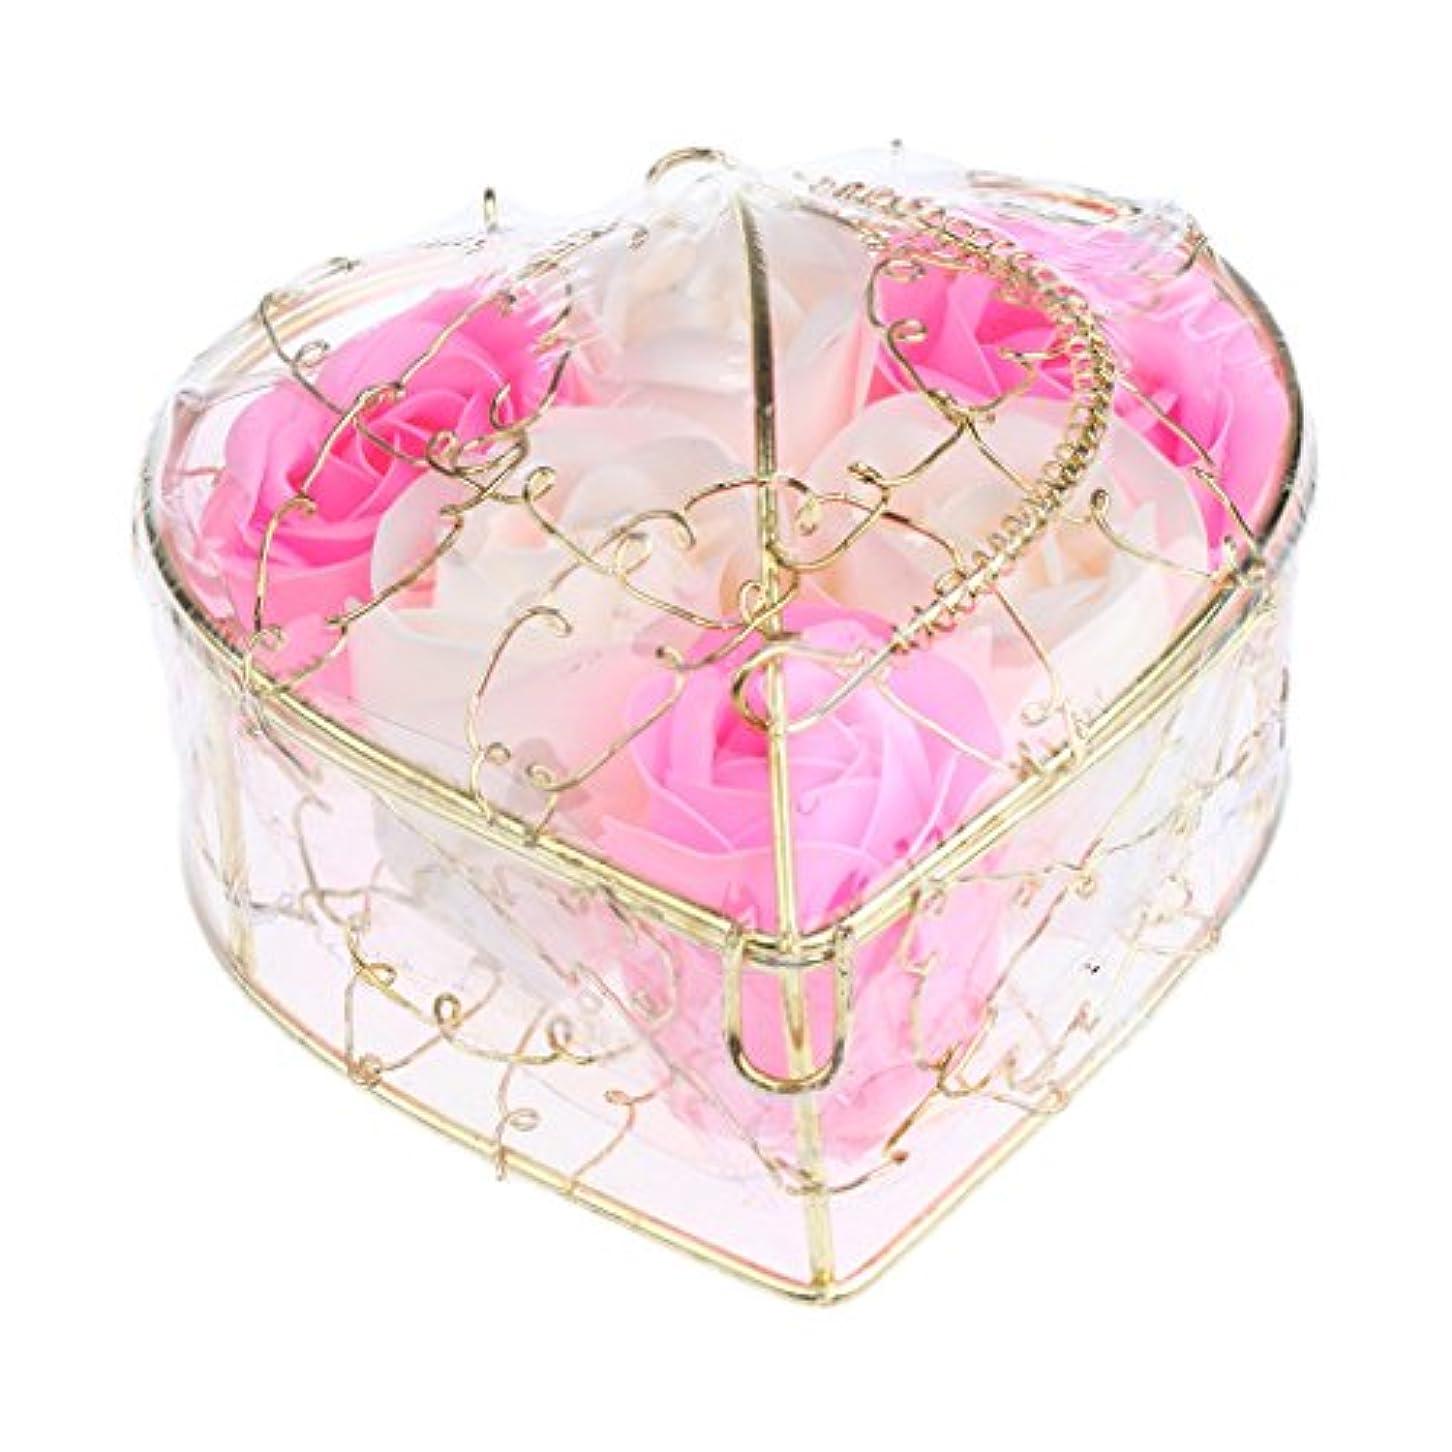 五メディックエクステントsharprepublic 母の日のための6個のバラ石鹸の花びらのギフトボックス - ピンクとホワイト